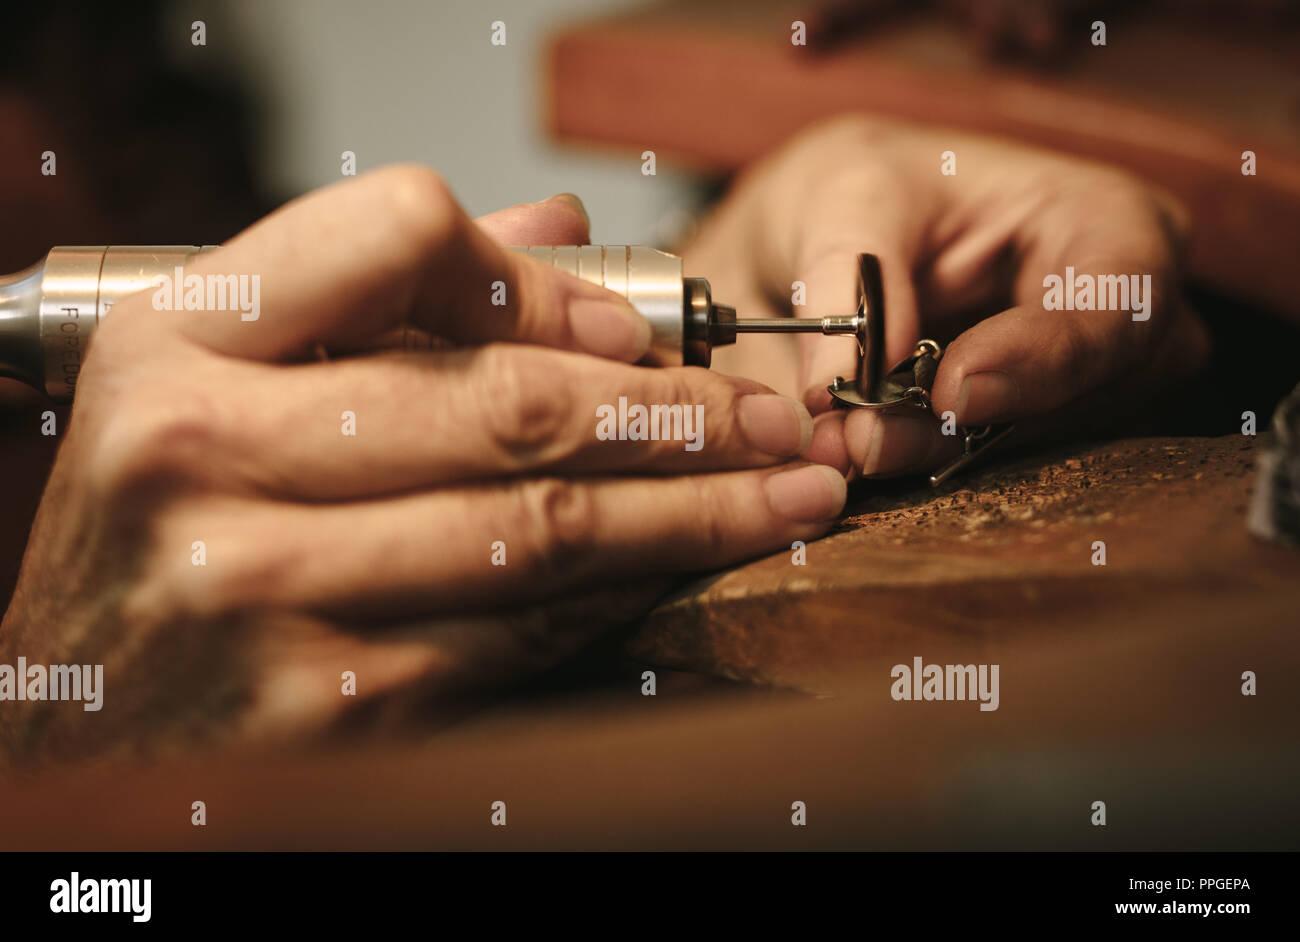 43016a13e413 Manos de mujeres jeweler pulir un pedazo de joyería con Máquina  esmeriladora. Goldsmith haciendo una